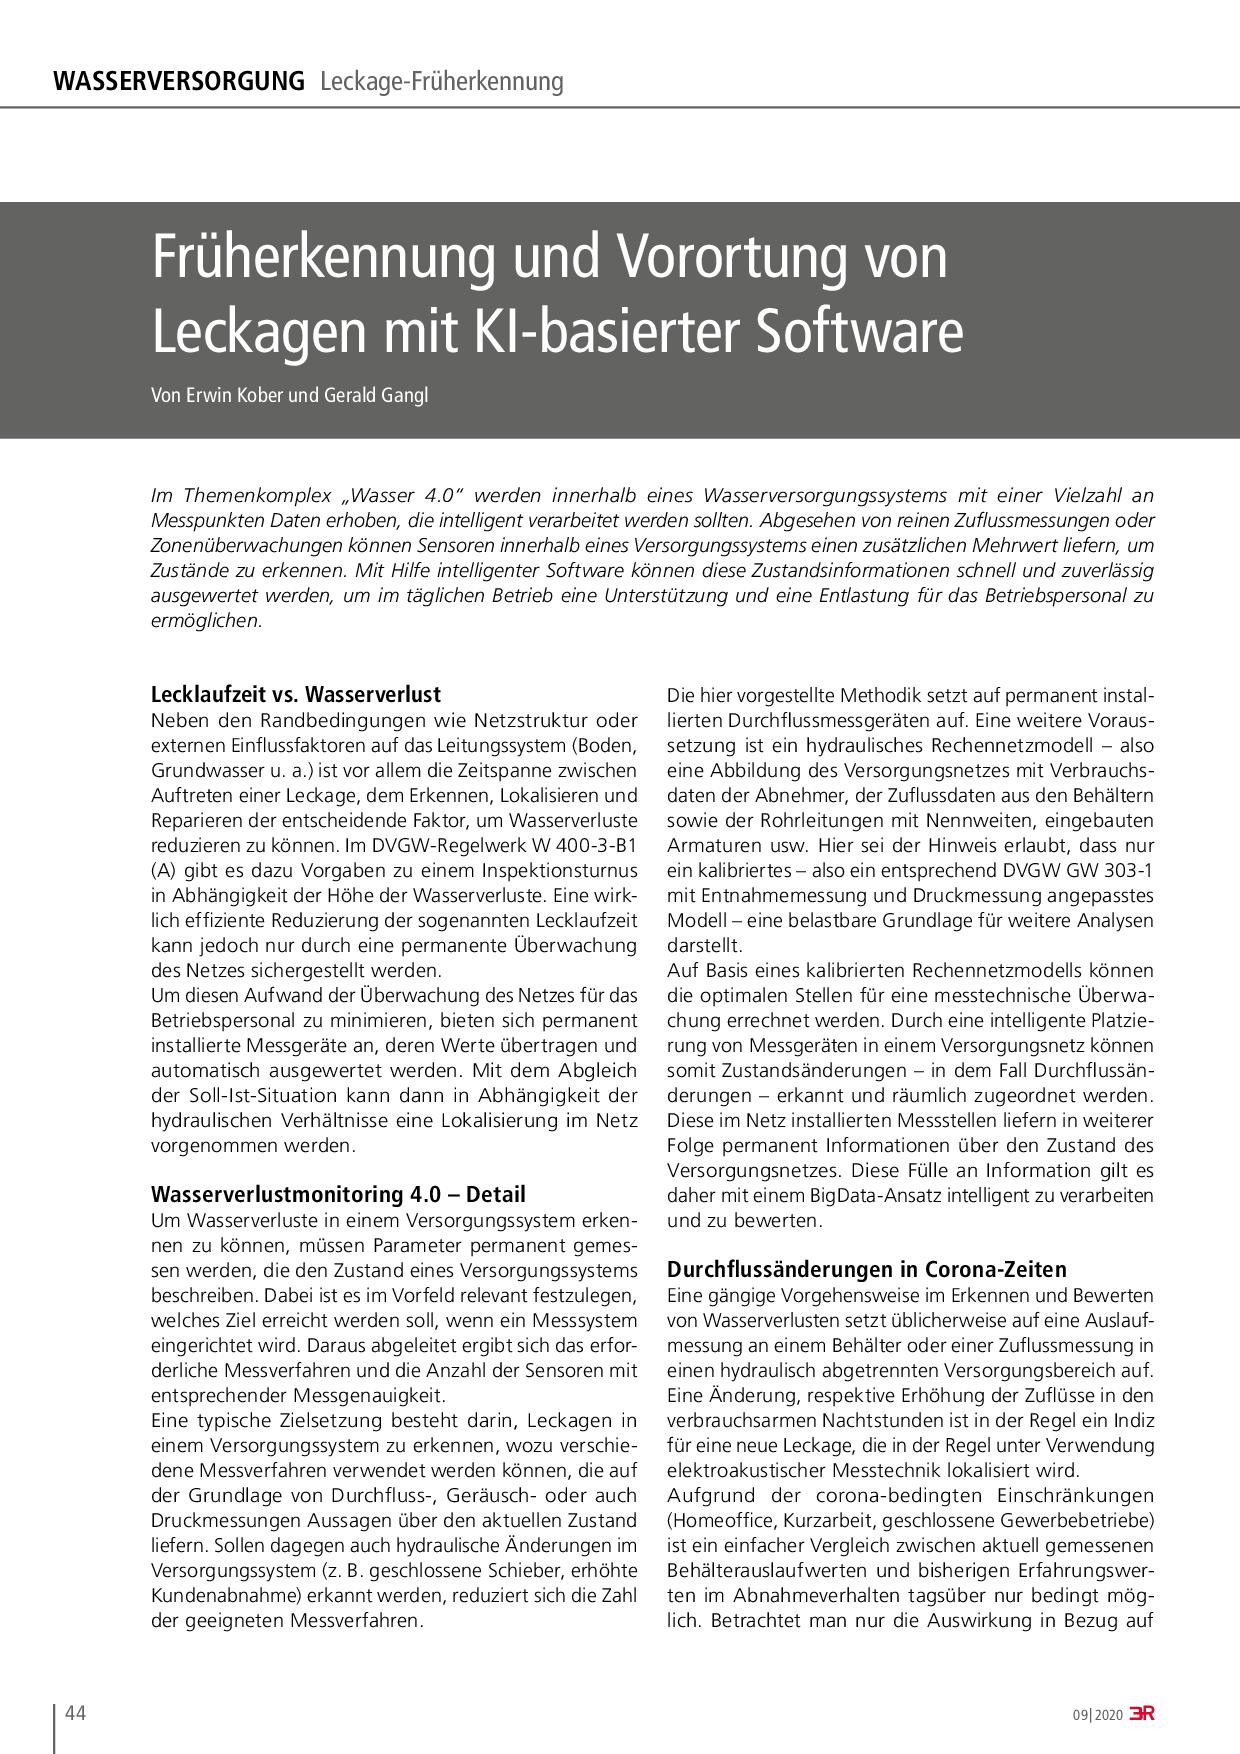 Früherkennung und Vorortung von Leckagen mit KI-basierter Software